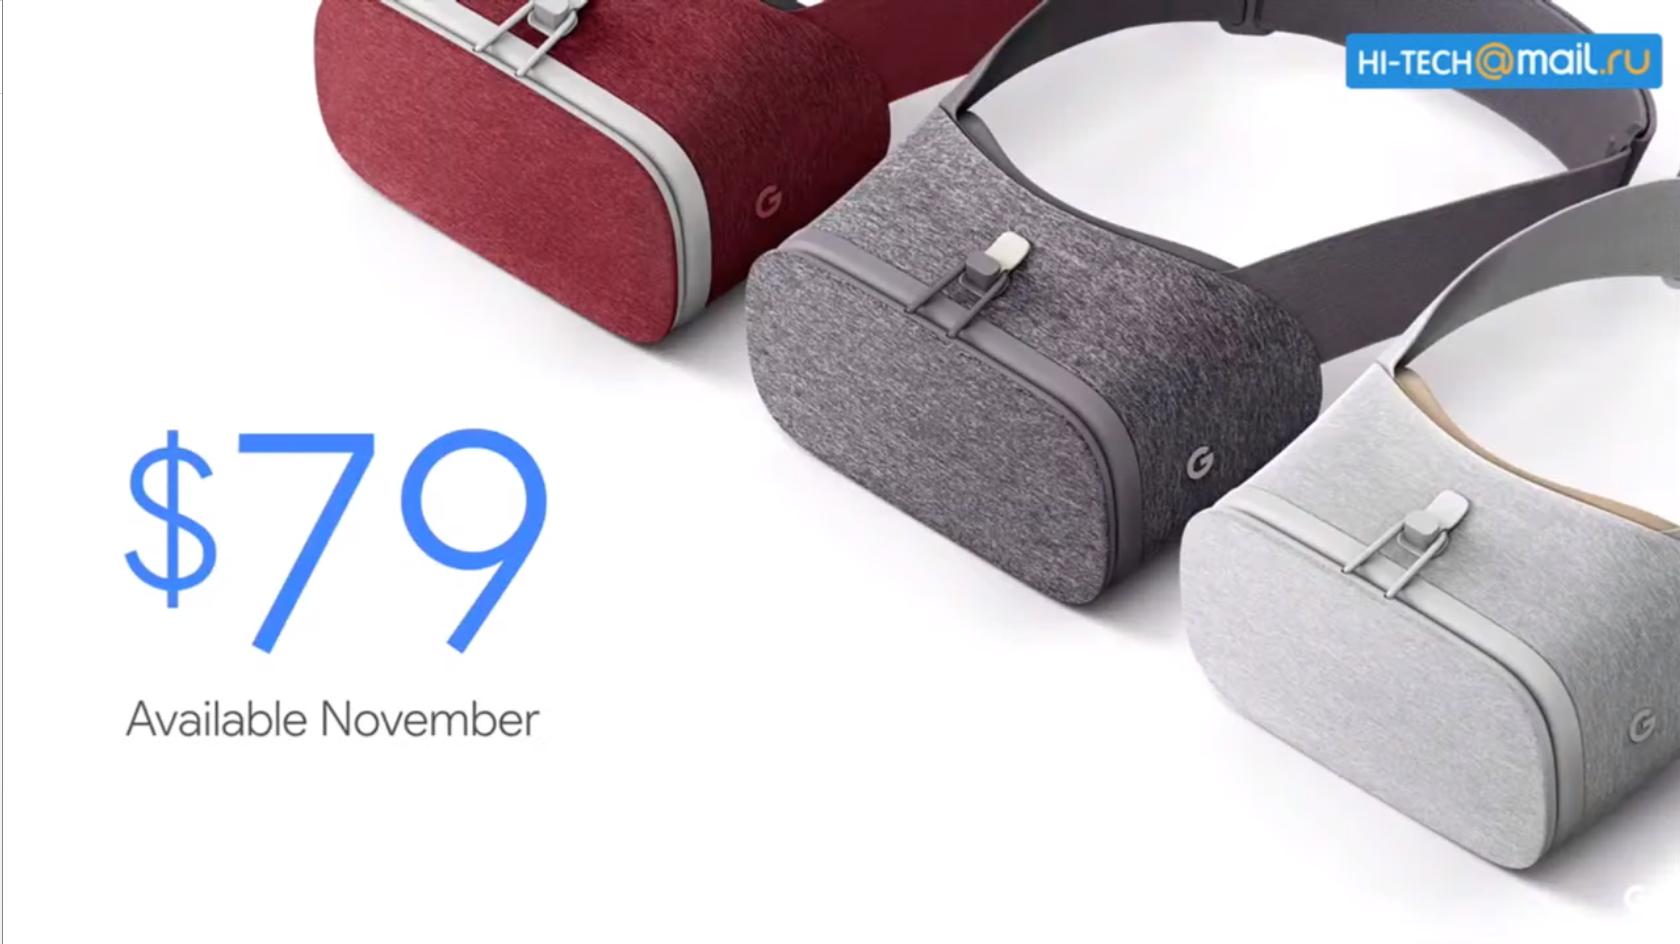 Состоялась официальная презентация новых гаджетов от Google